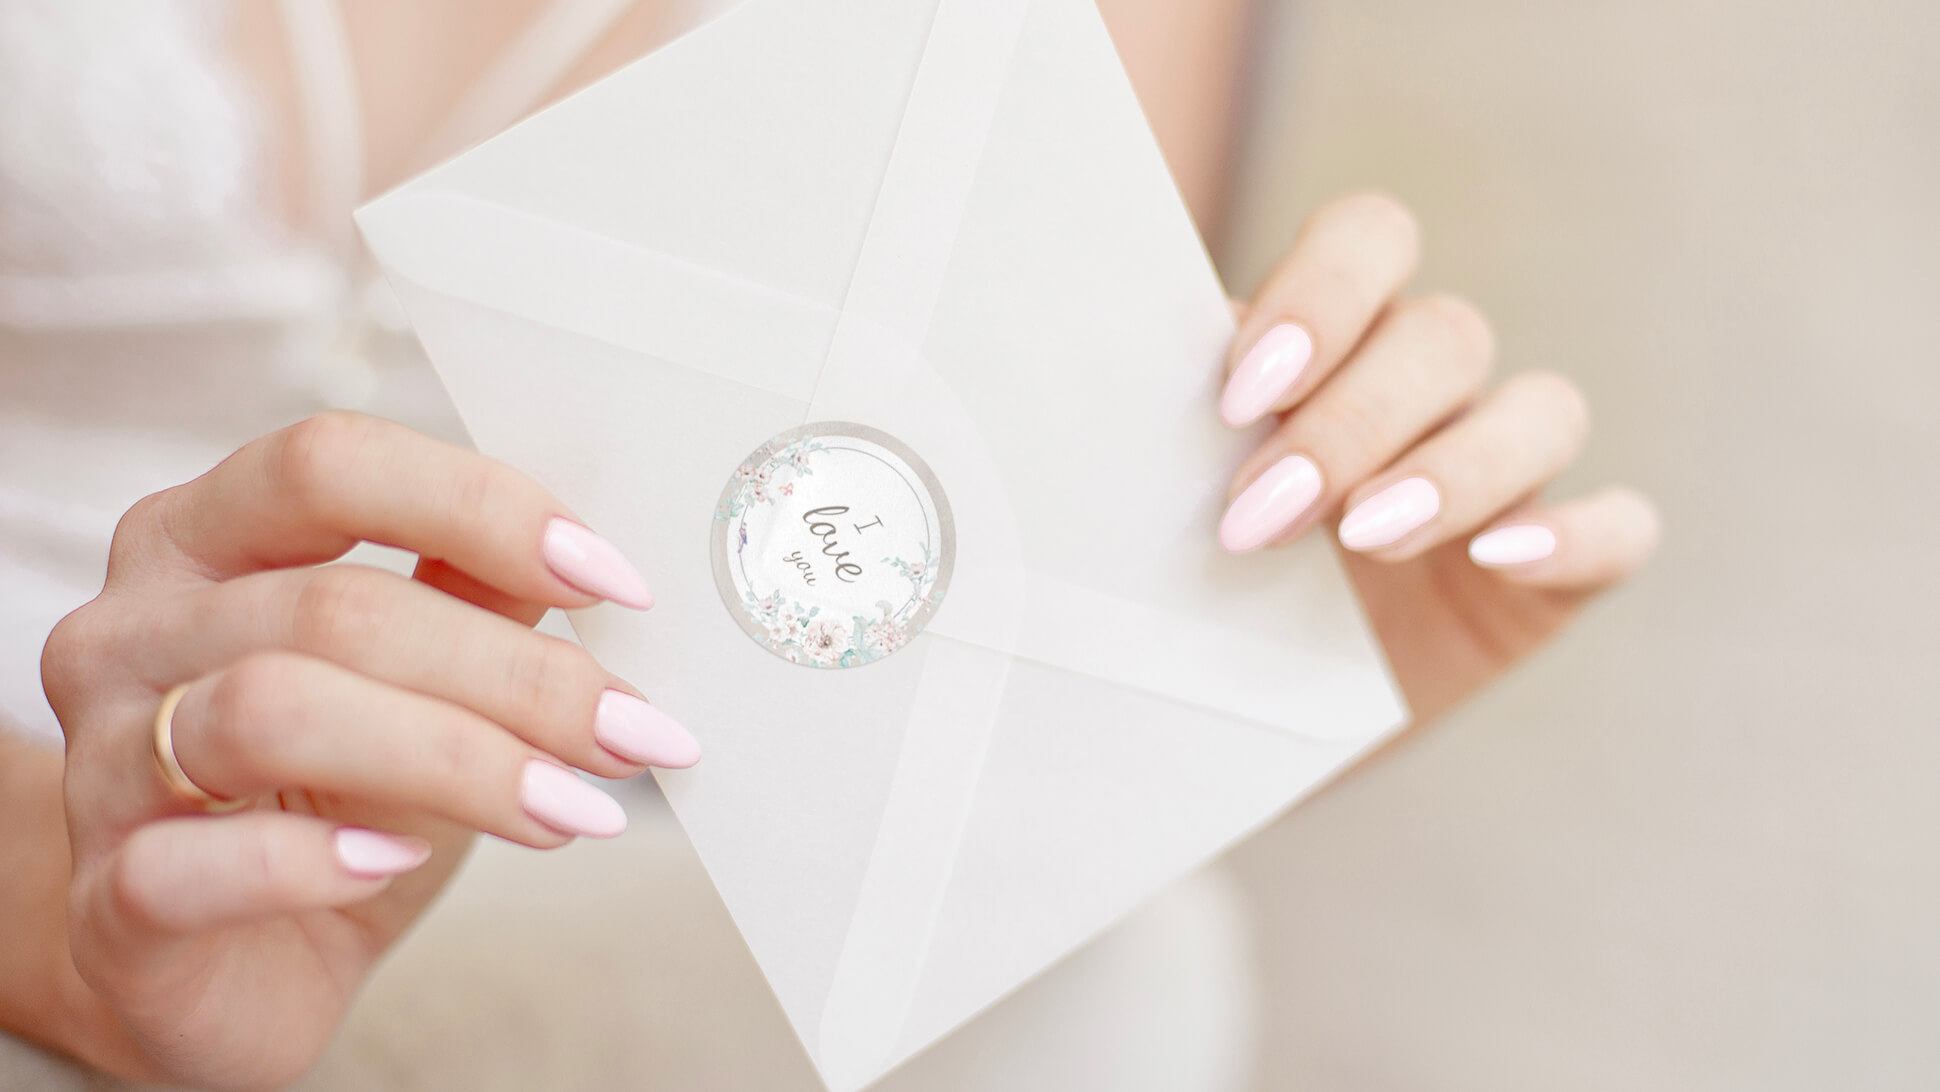 Adesivi chiudi busta per matrimonio | tictac.it